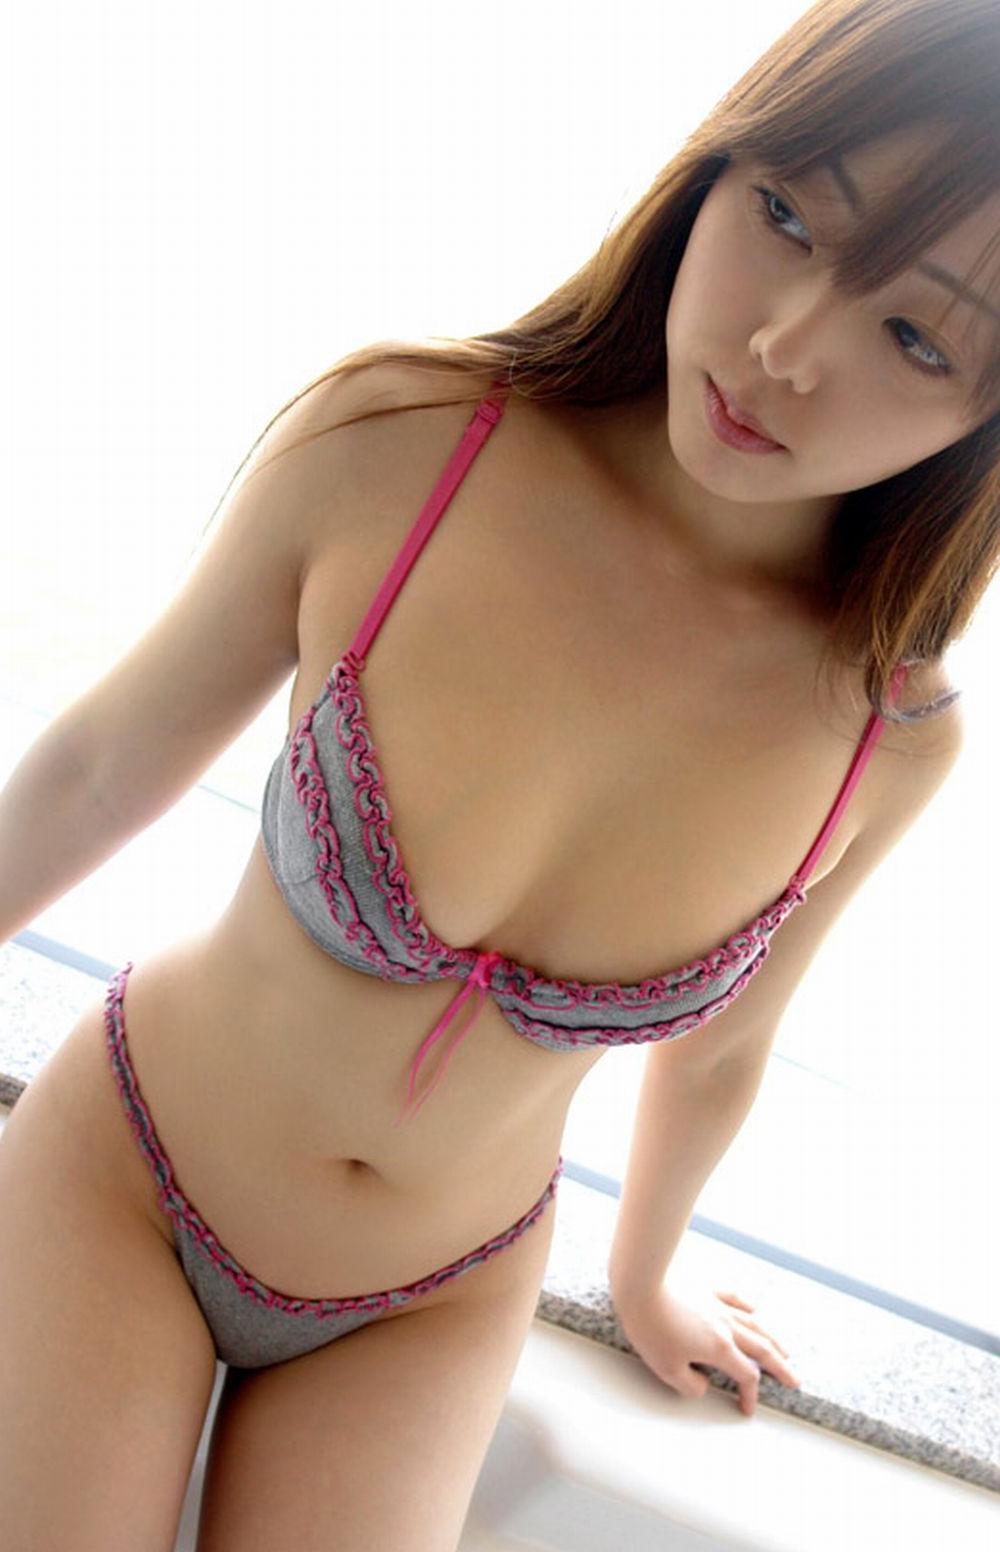 លទ្ធផលរូបភាពសម្រាប់ cewek asia  bra sexy